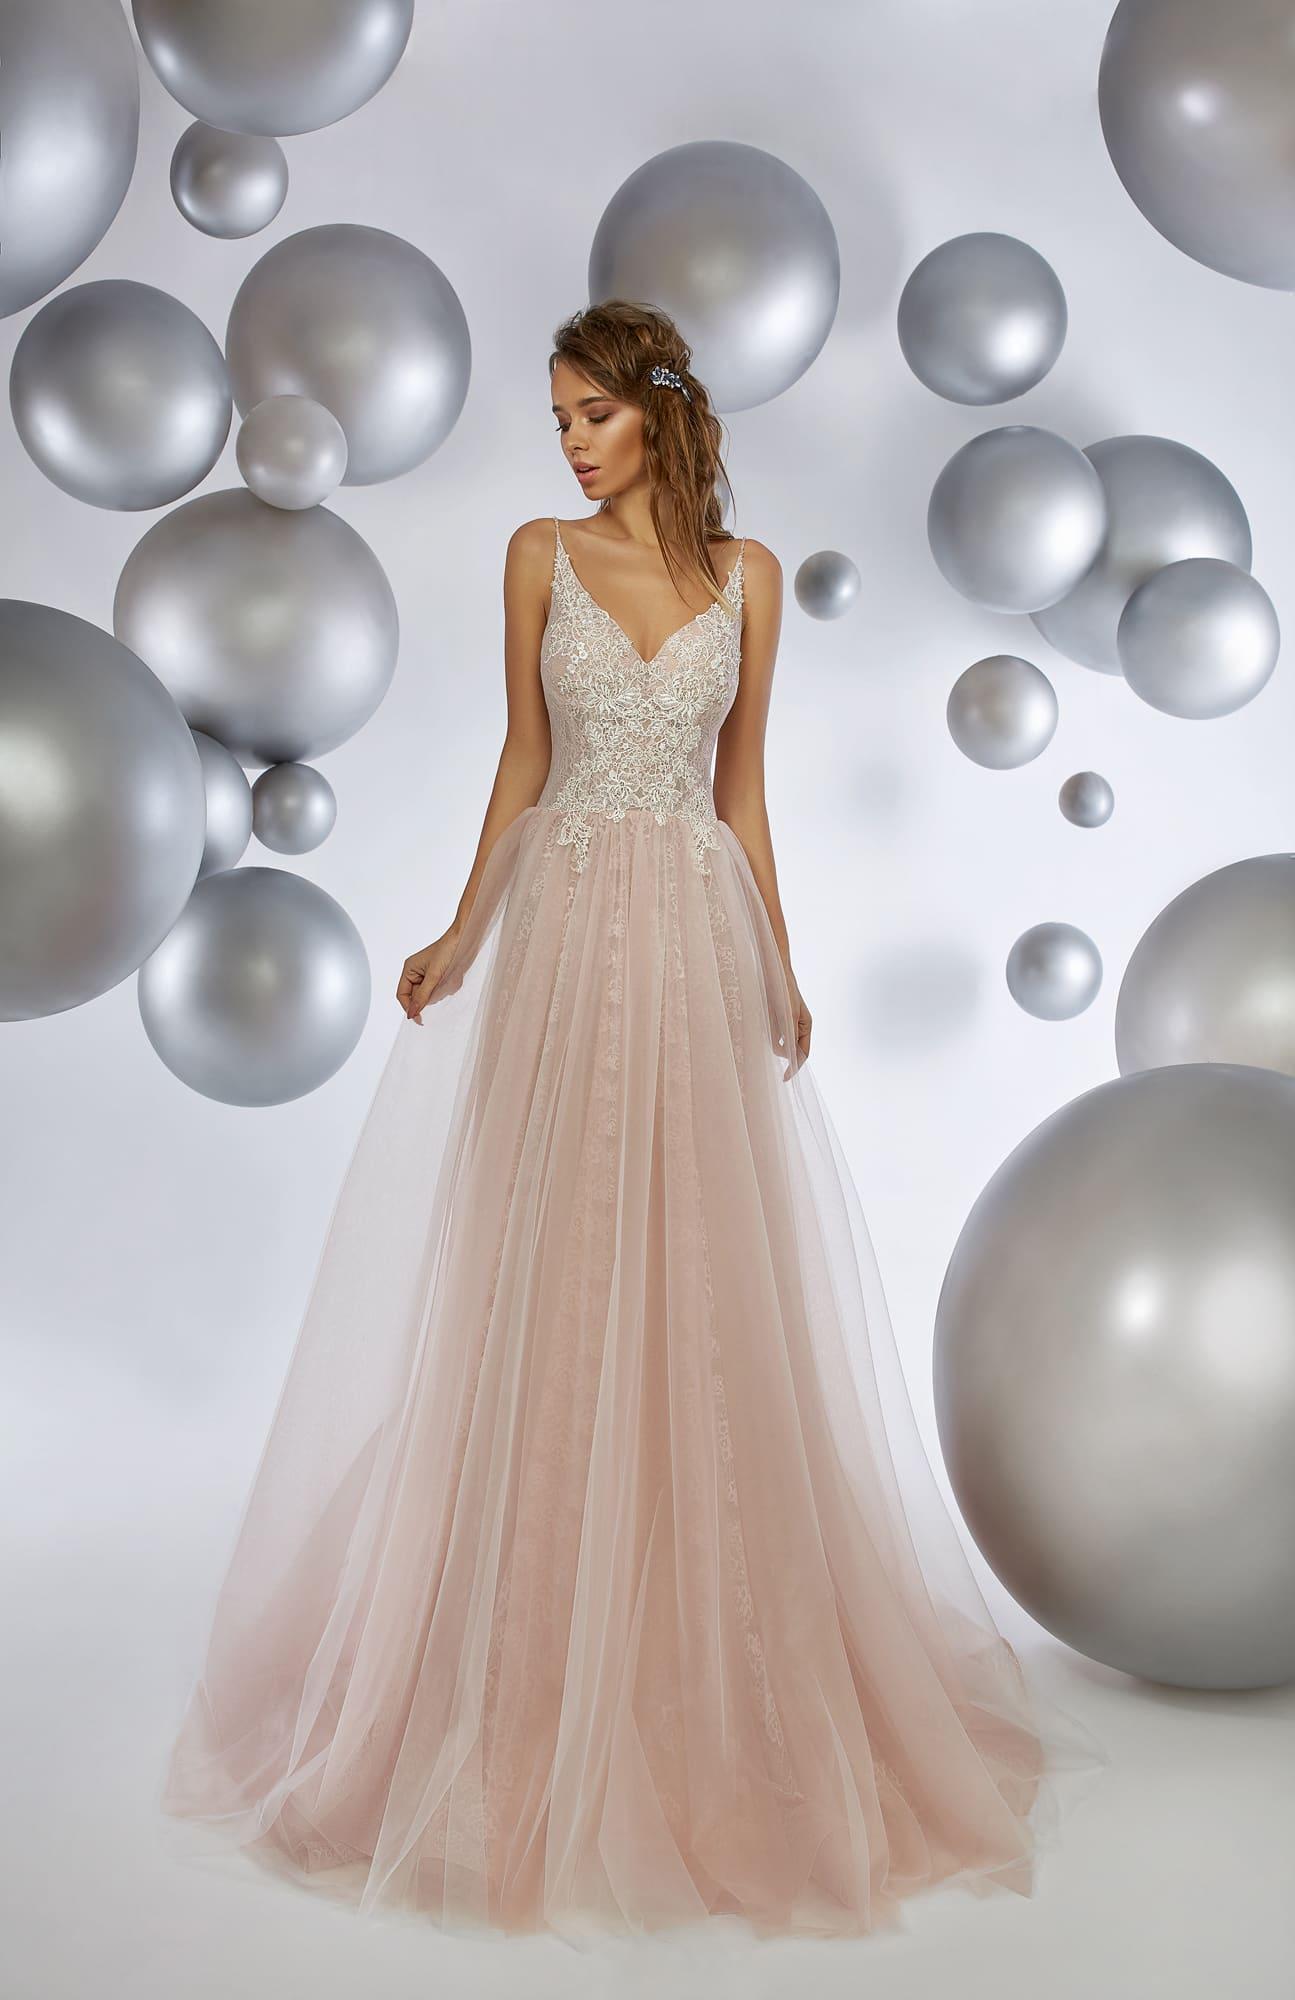 f96a92ad3d96ee7 Розовое вечернее платье с многослойной юбкой и открытым лифом на бретелях.